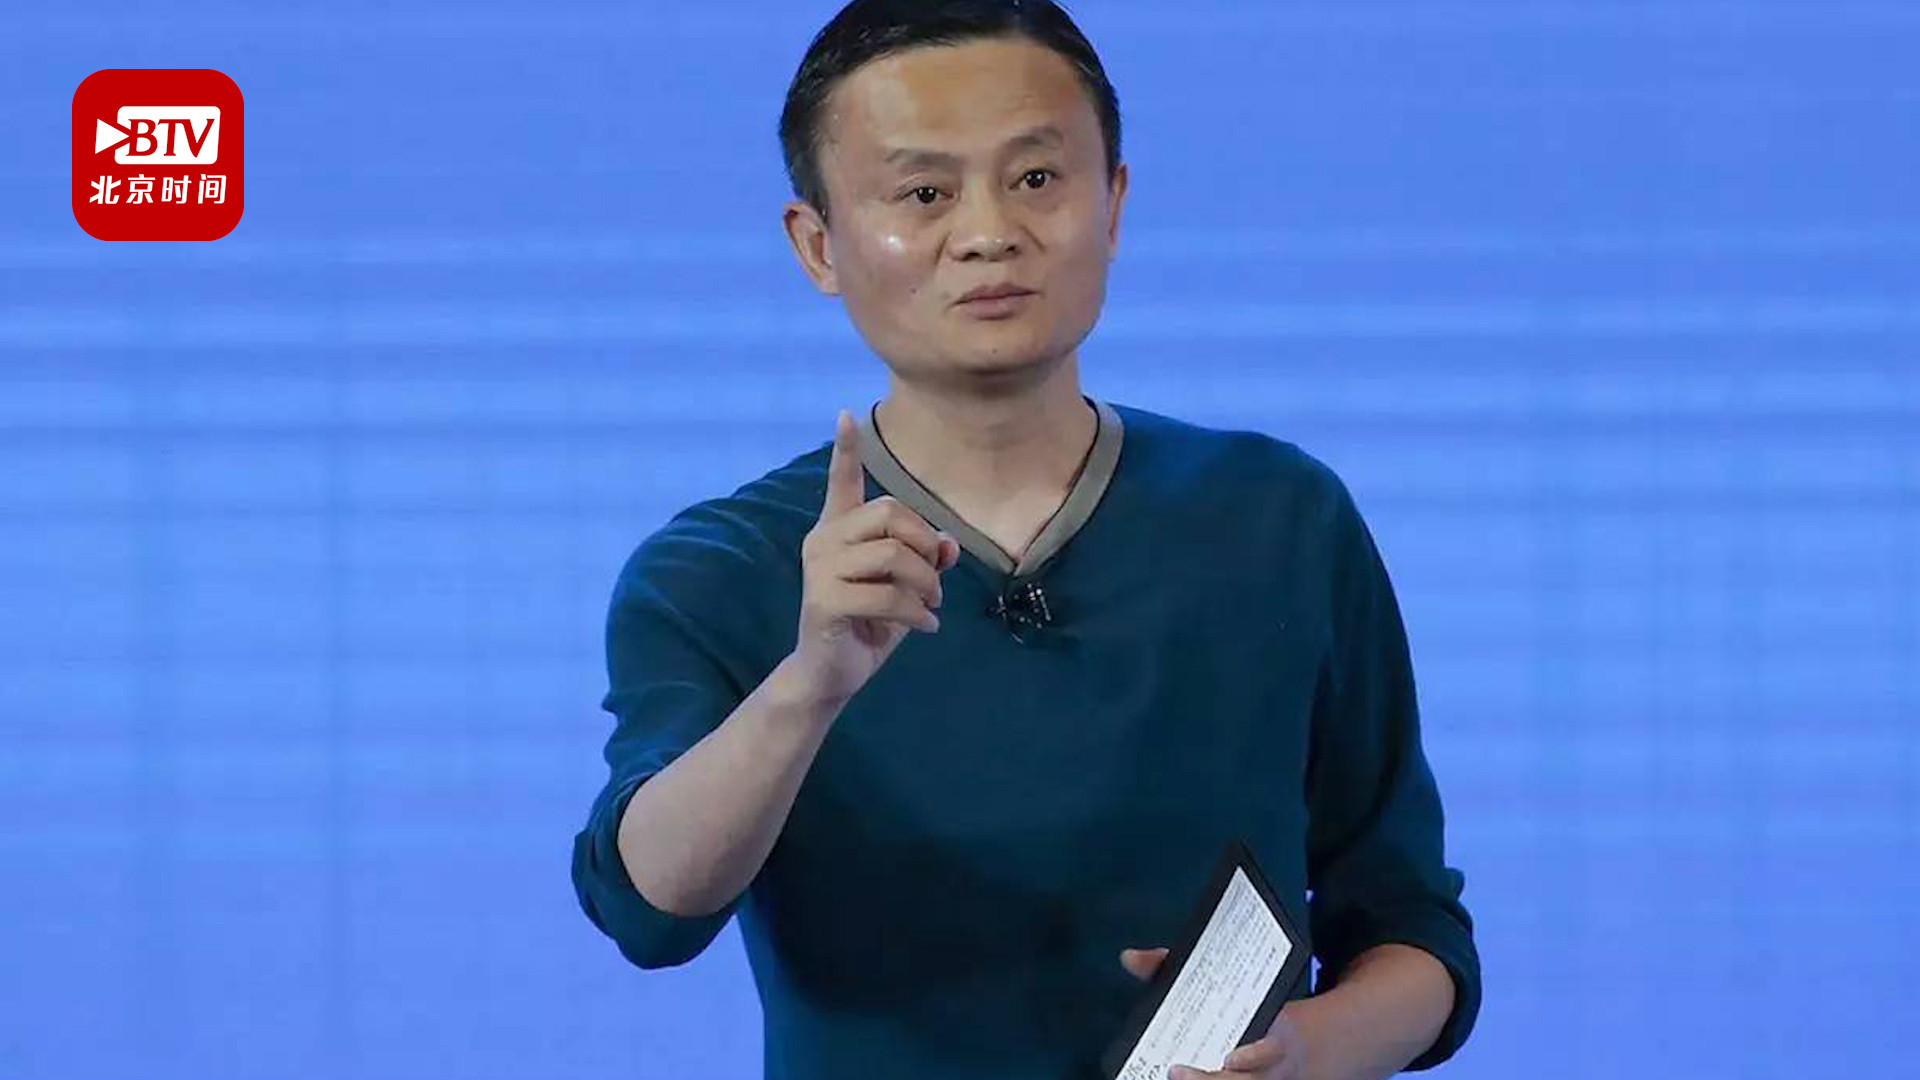 马云:中国14亿人3亿中等收入人群 一定能带动世界经济